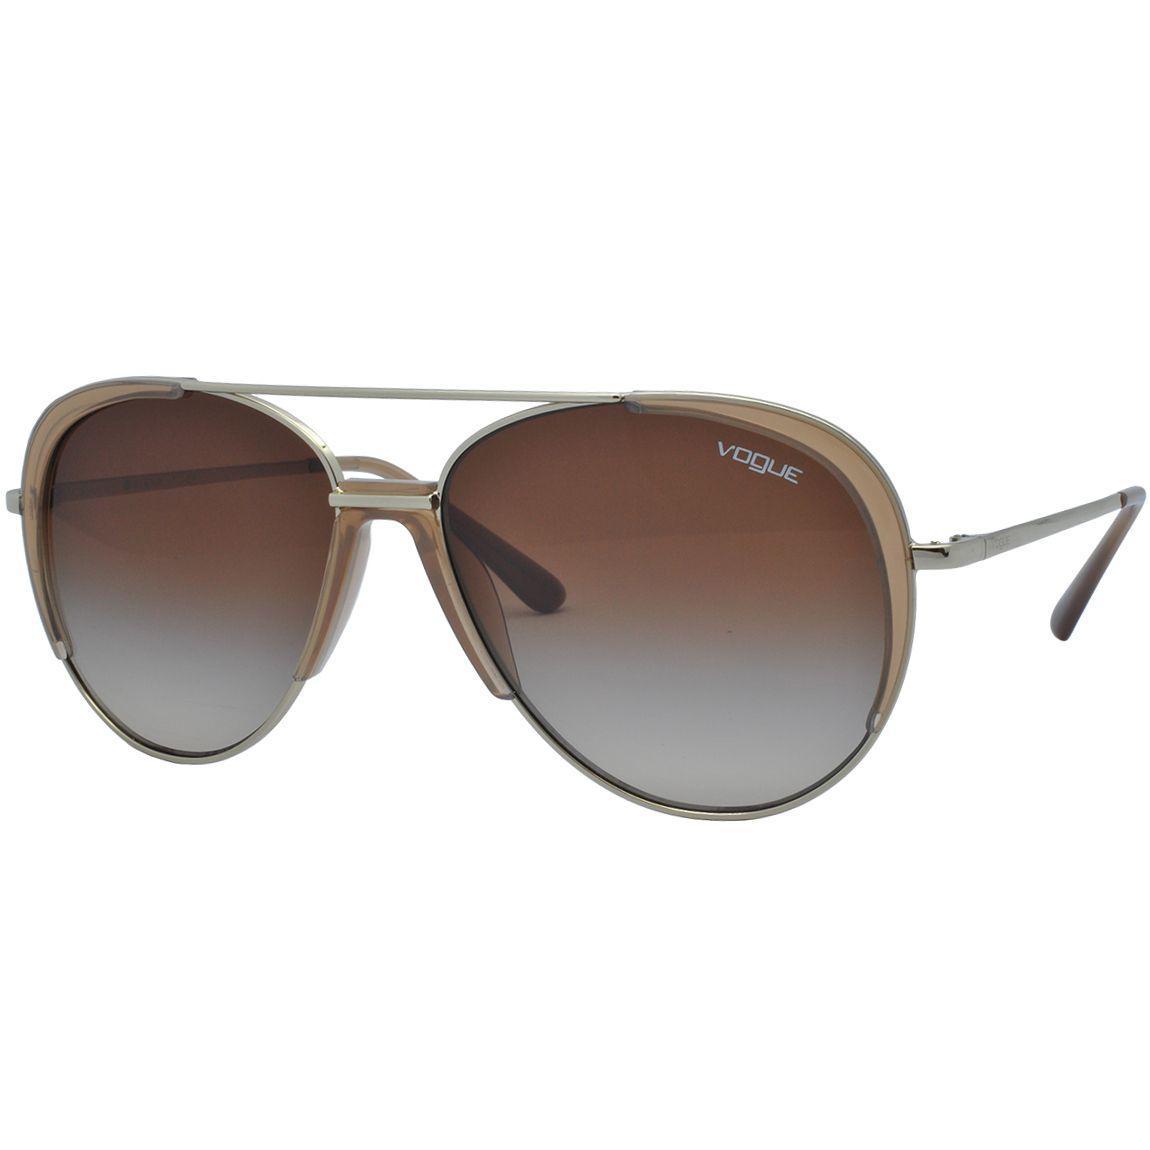 e740fdec858d9 Óculos de Sol Vogue Aviador Feminino VO4097S 848 13 - Metal Dourado e Lente  Marrom R  456,00 à vista. Adicionar à sacola